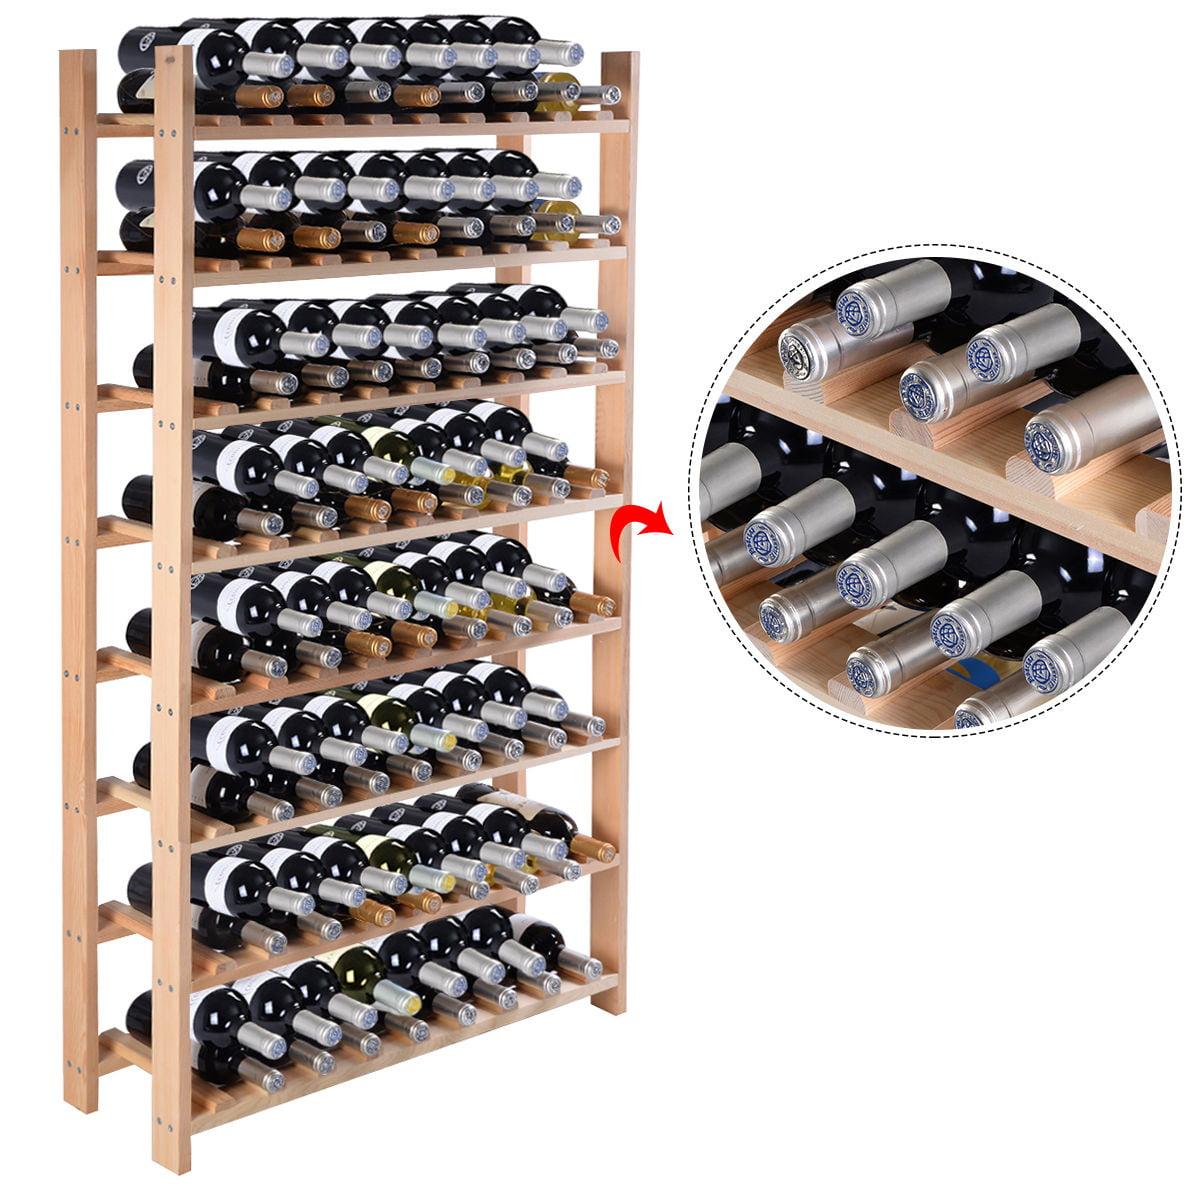 Costway Wood Wine Rack Stackable Storage Storage Display Shelves (120-Bottle) by Costway